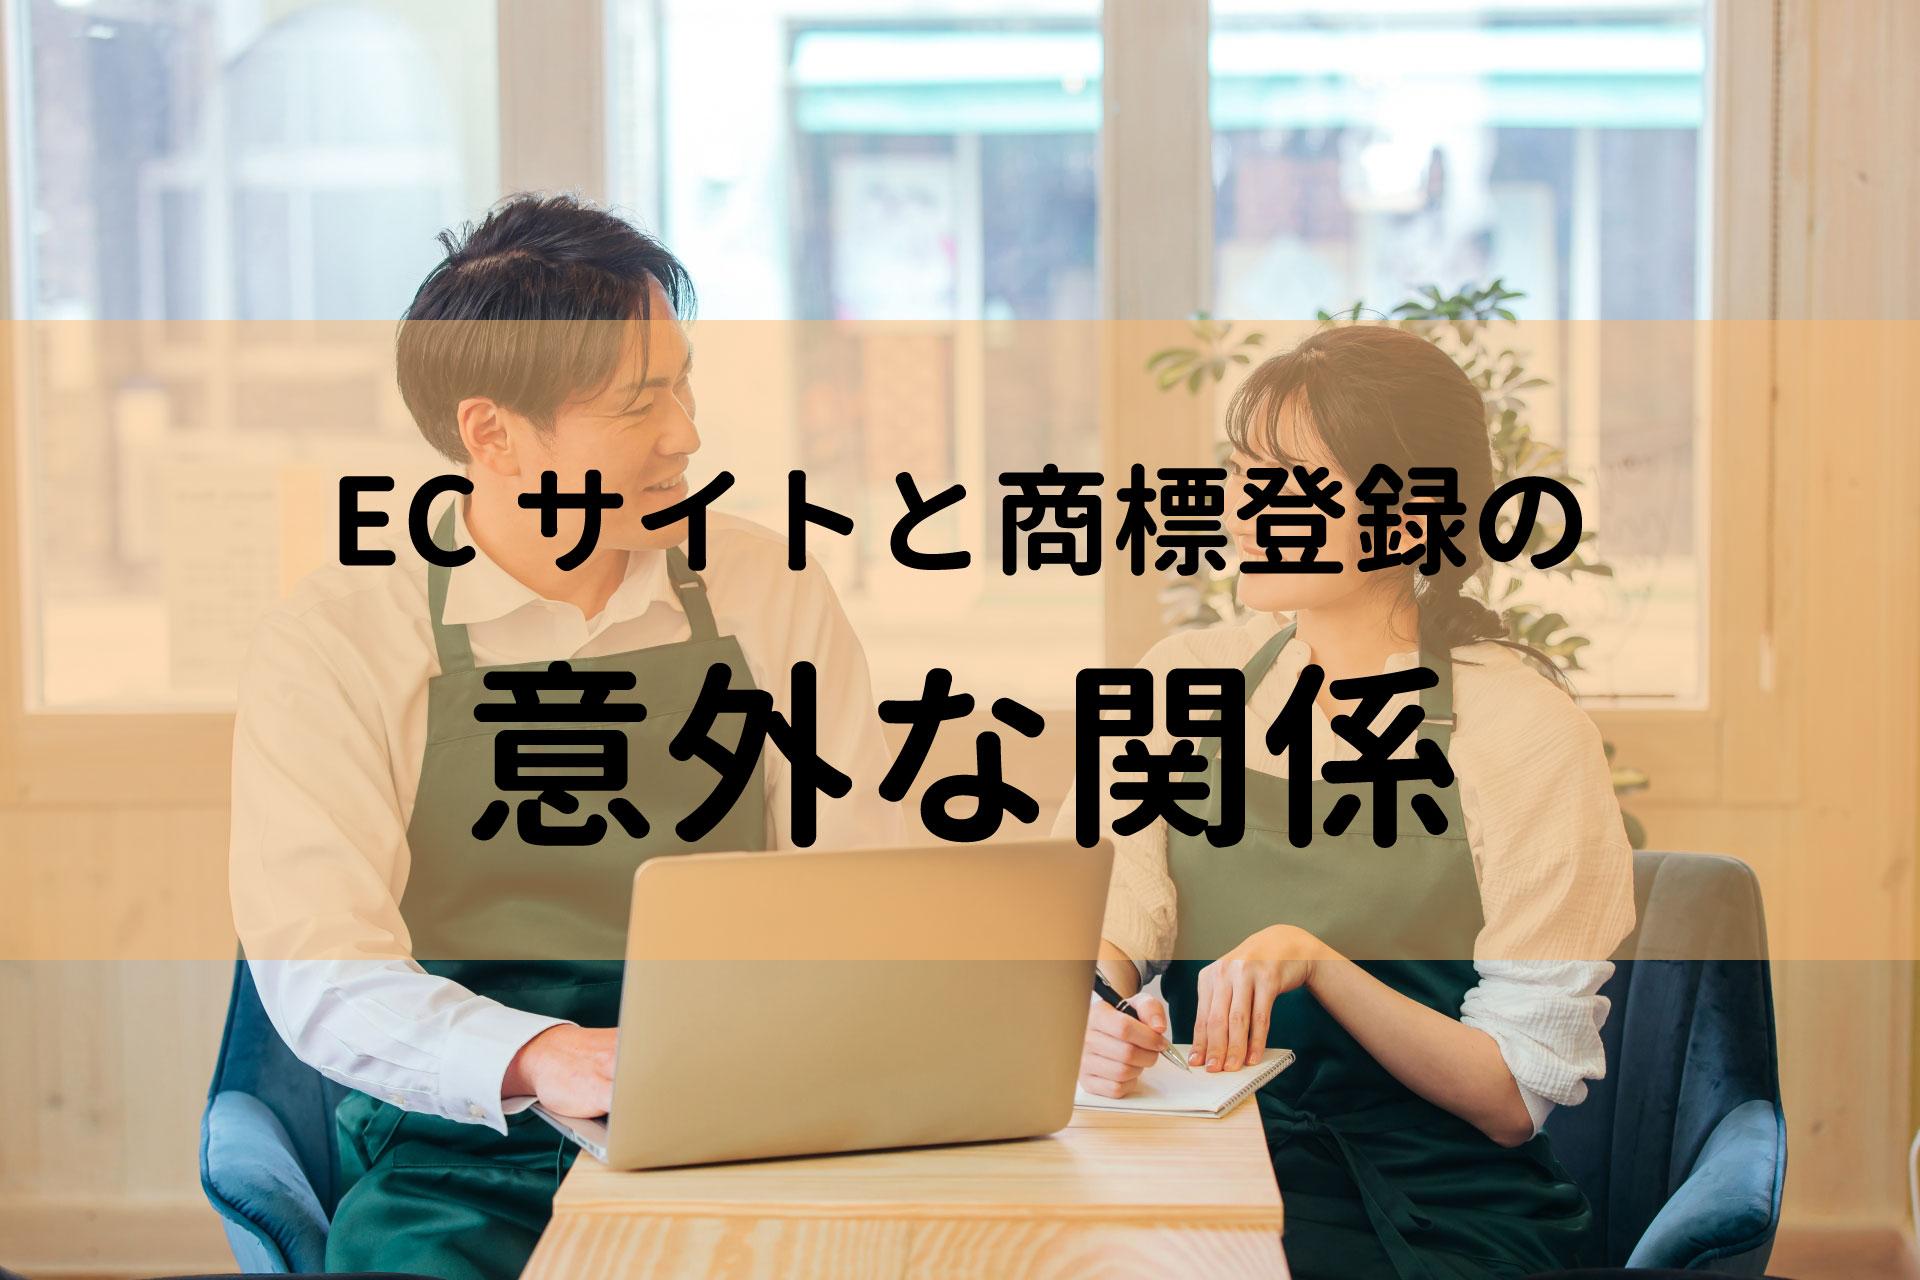 ECサイトと商標登録の意外な関係